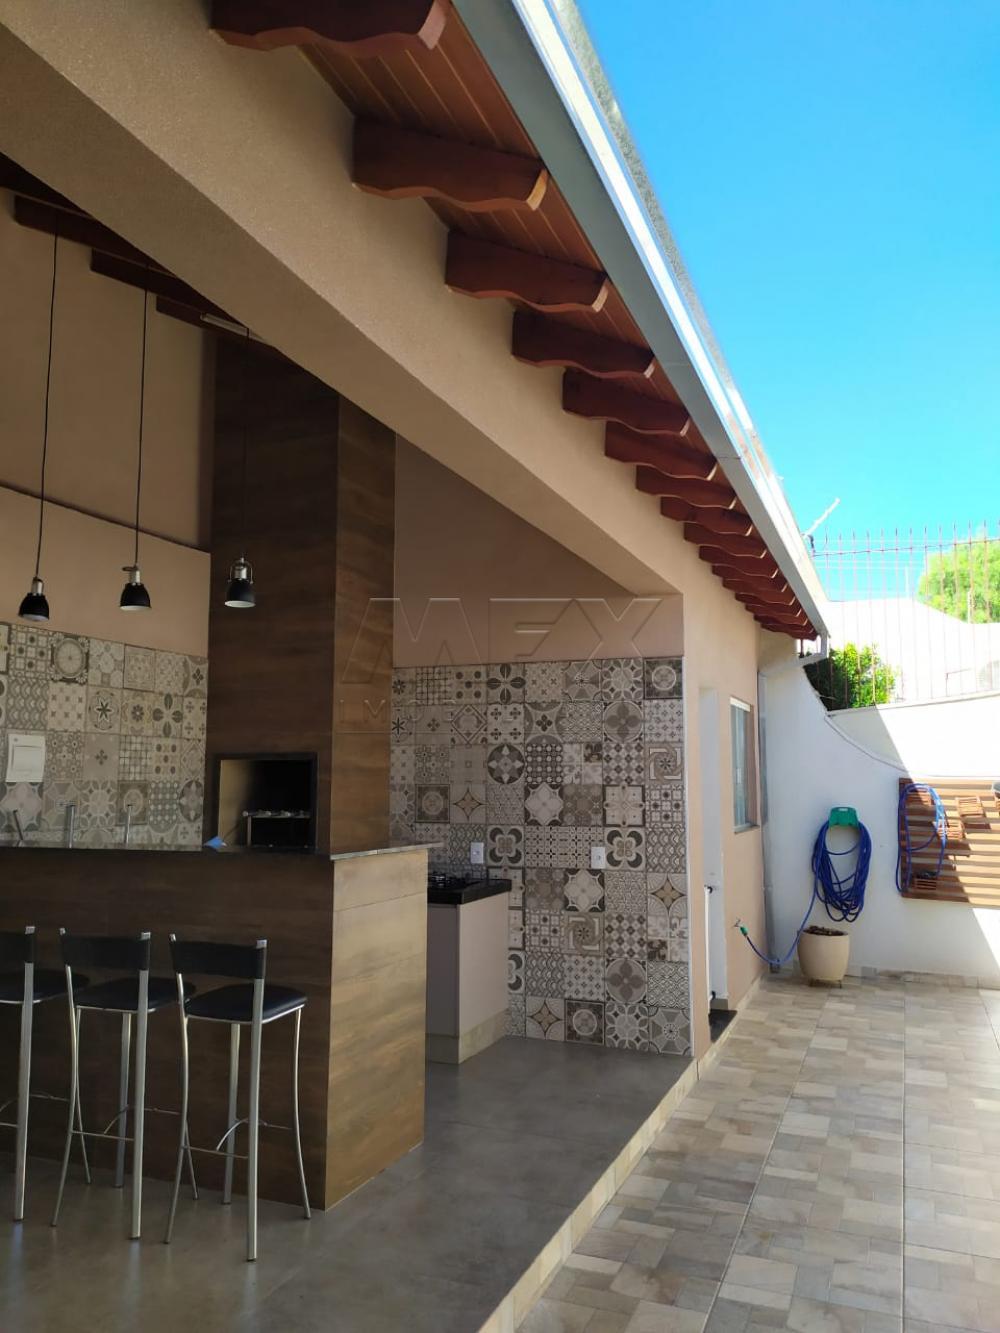 Comprar Casa / Padrão em Bauru apenas R$ 700.000,00 - Foto 19